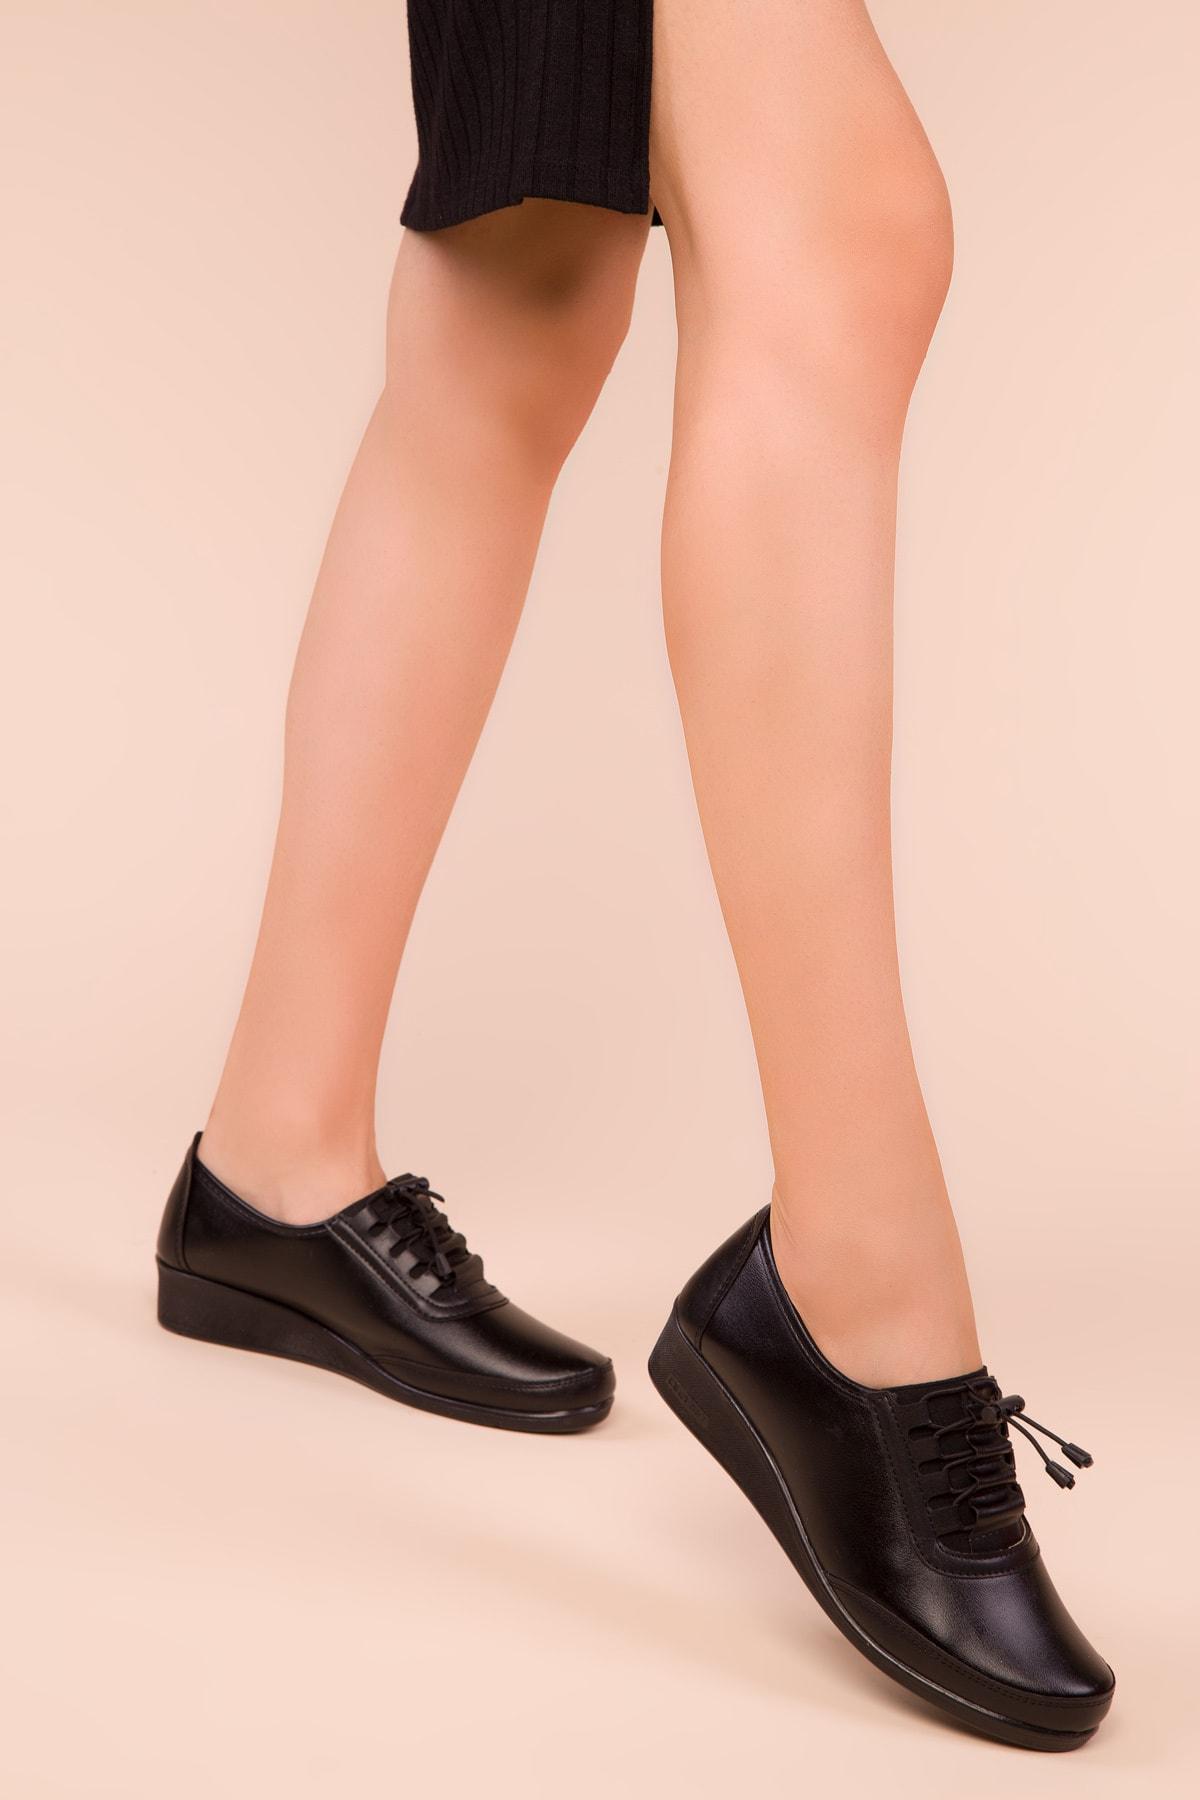 SOHO Siyah Kadın Casual Ayakkabı 15490 2